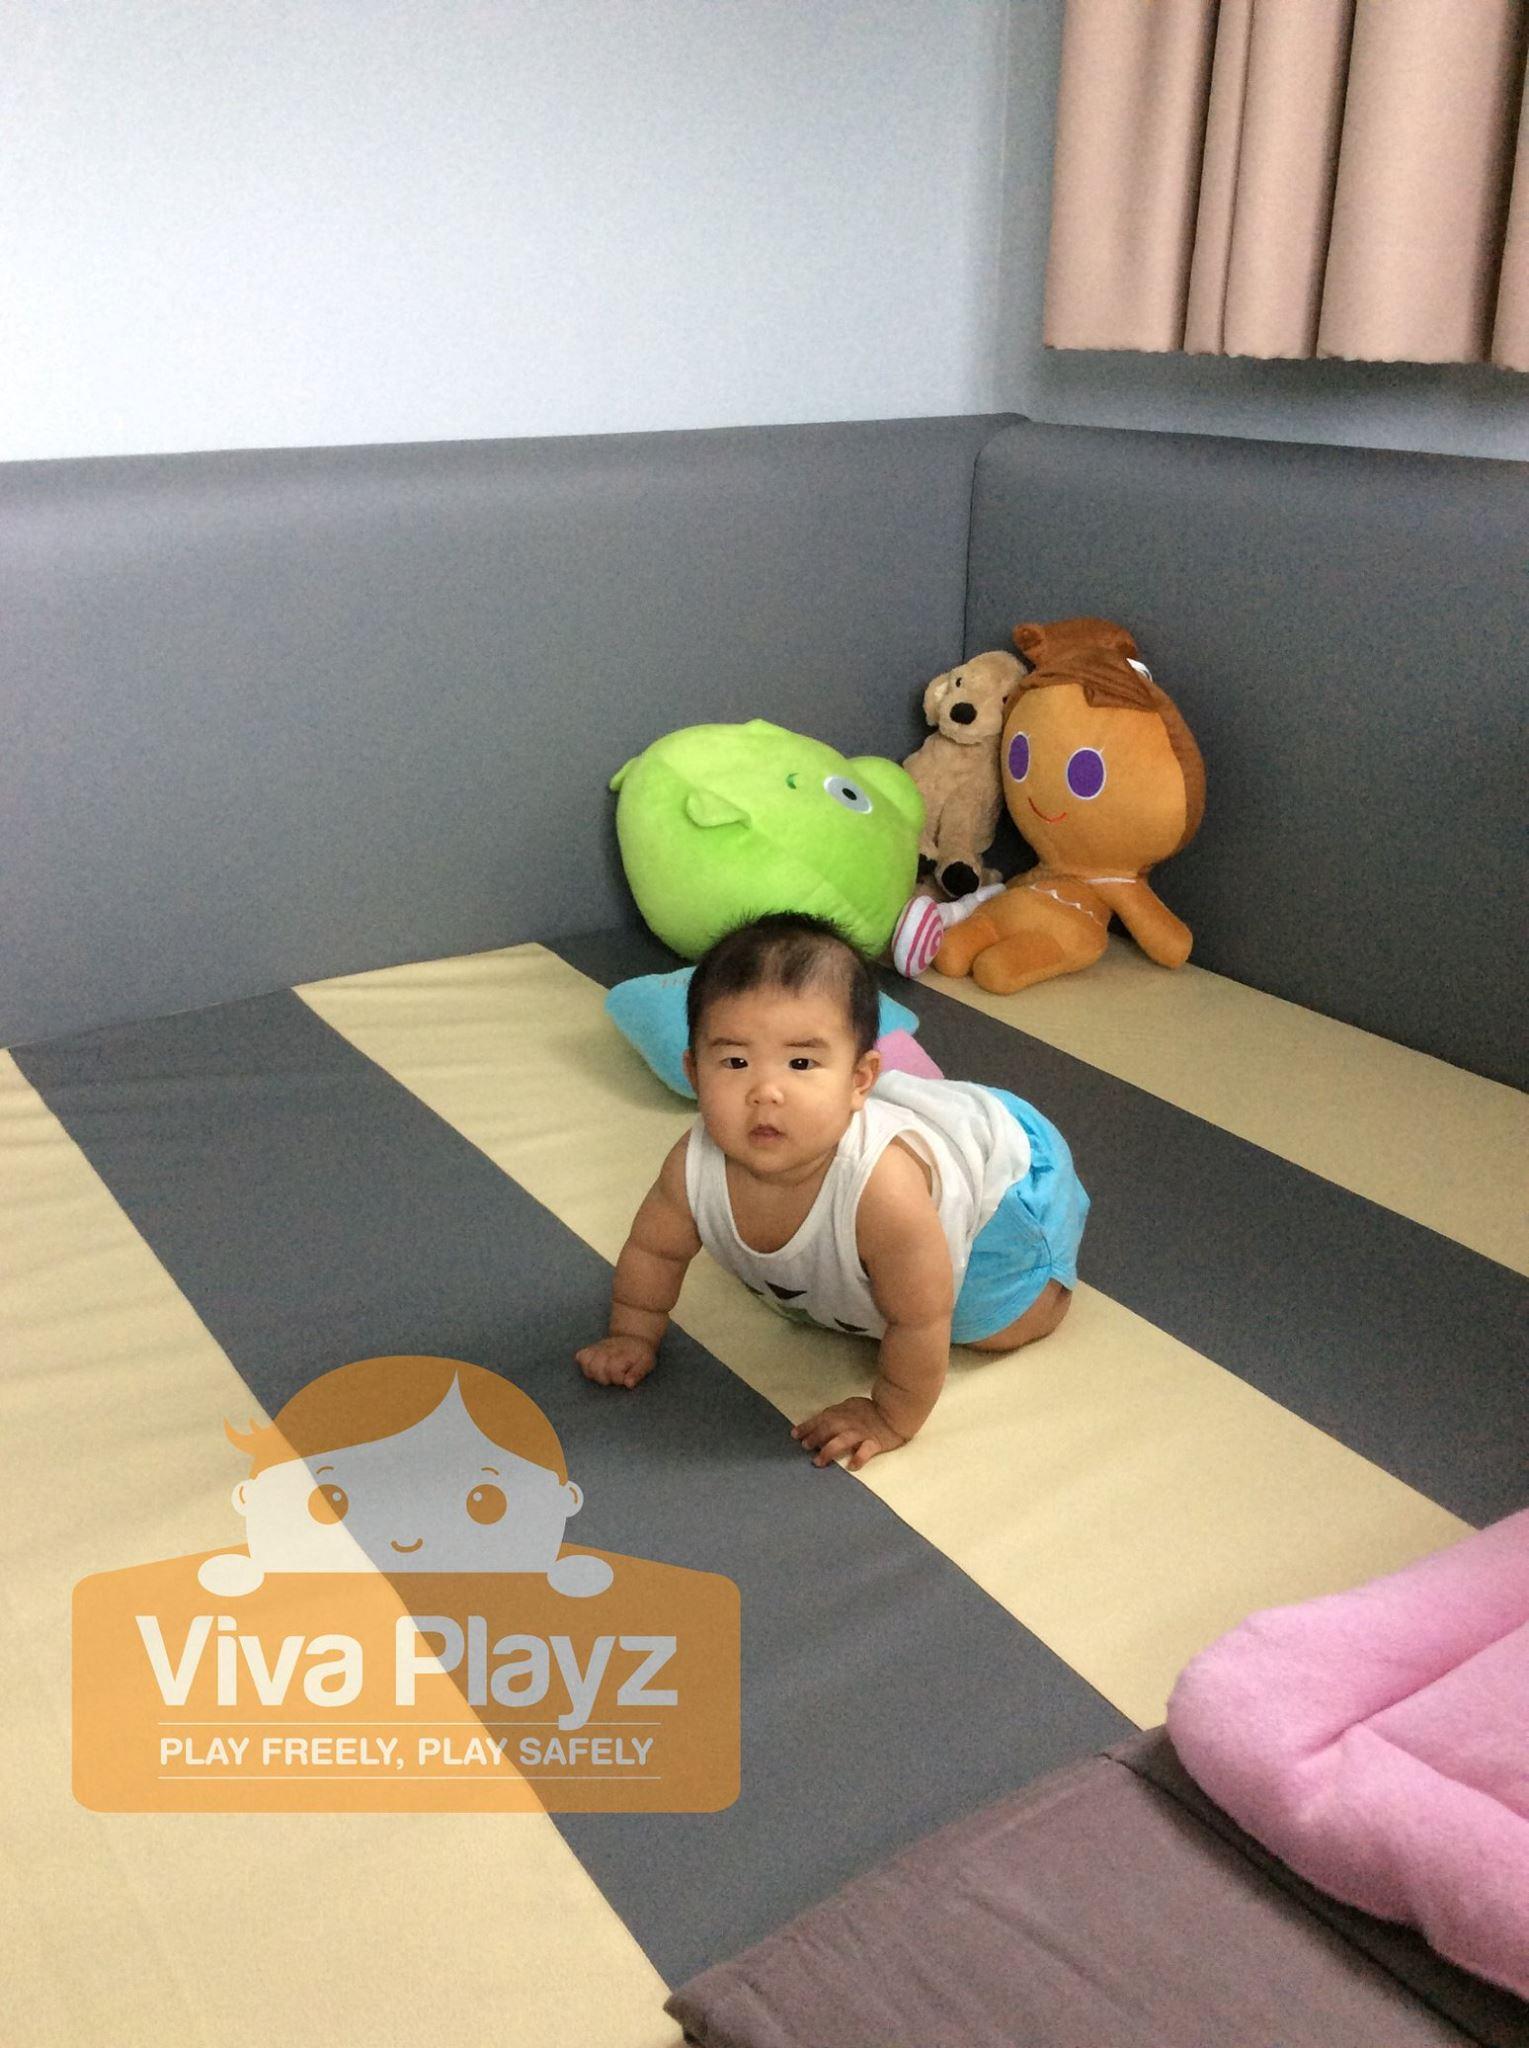 คอกต่อเตียง คอกกั้นเด็ก Viva Playz ขอบคุณลูกค้ามากๆค่ะ